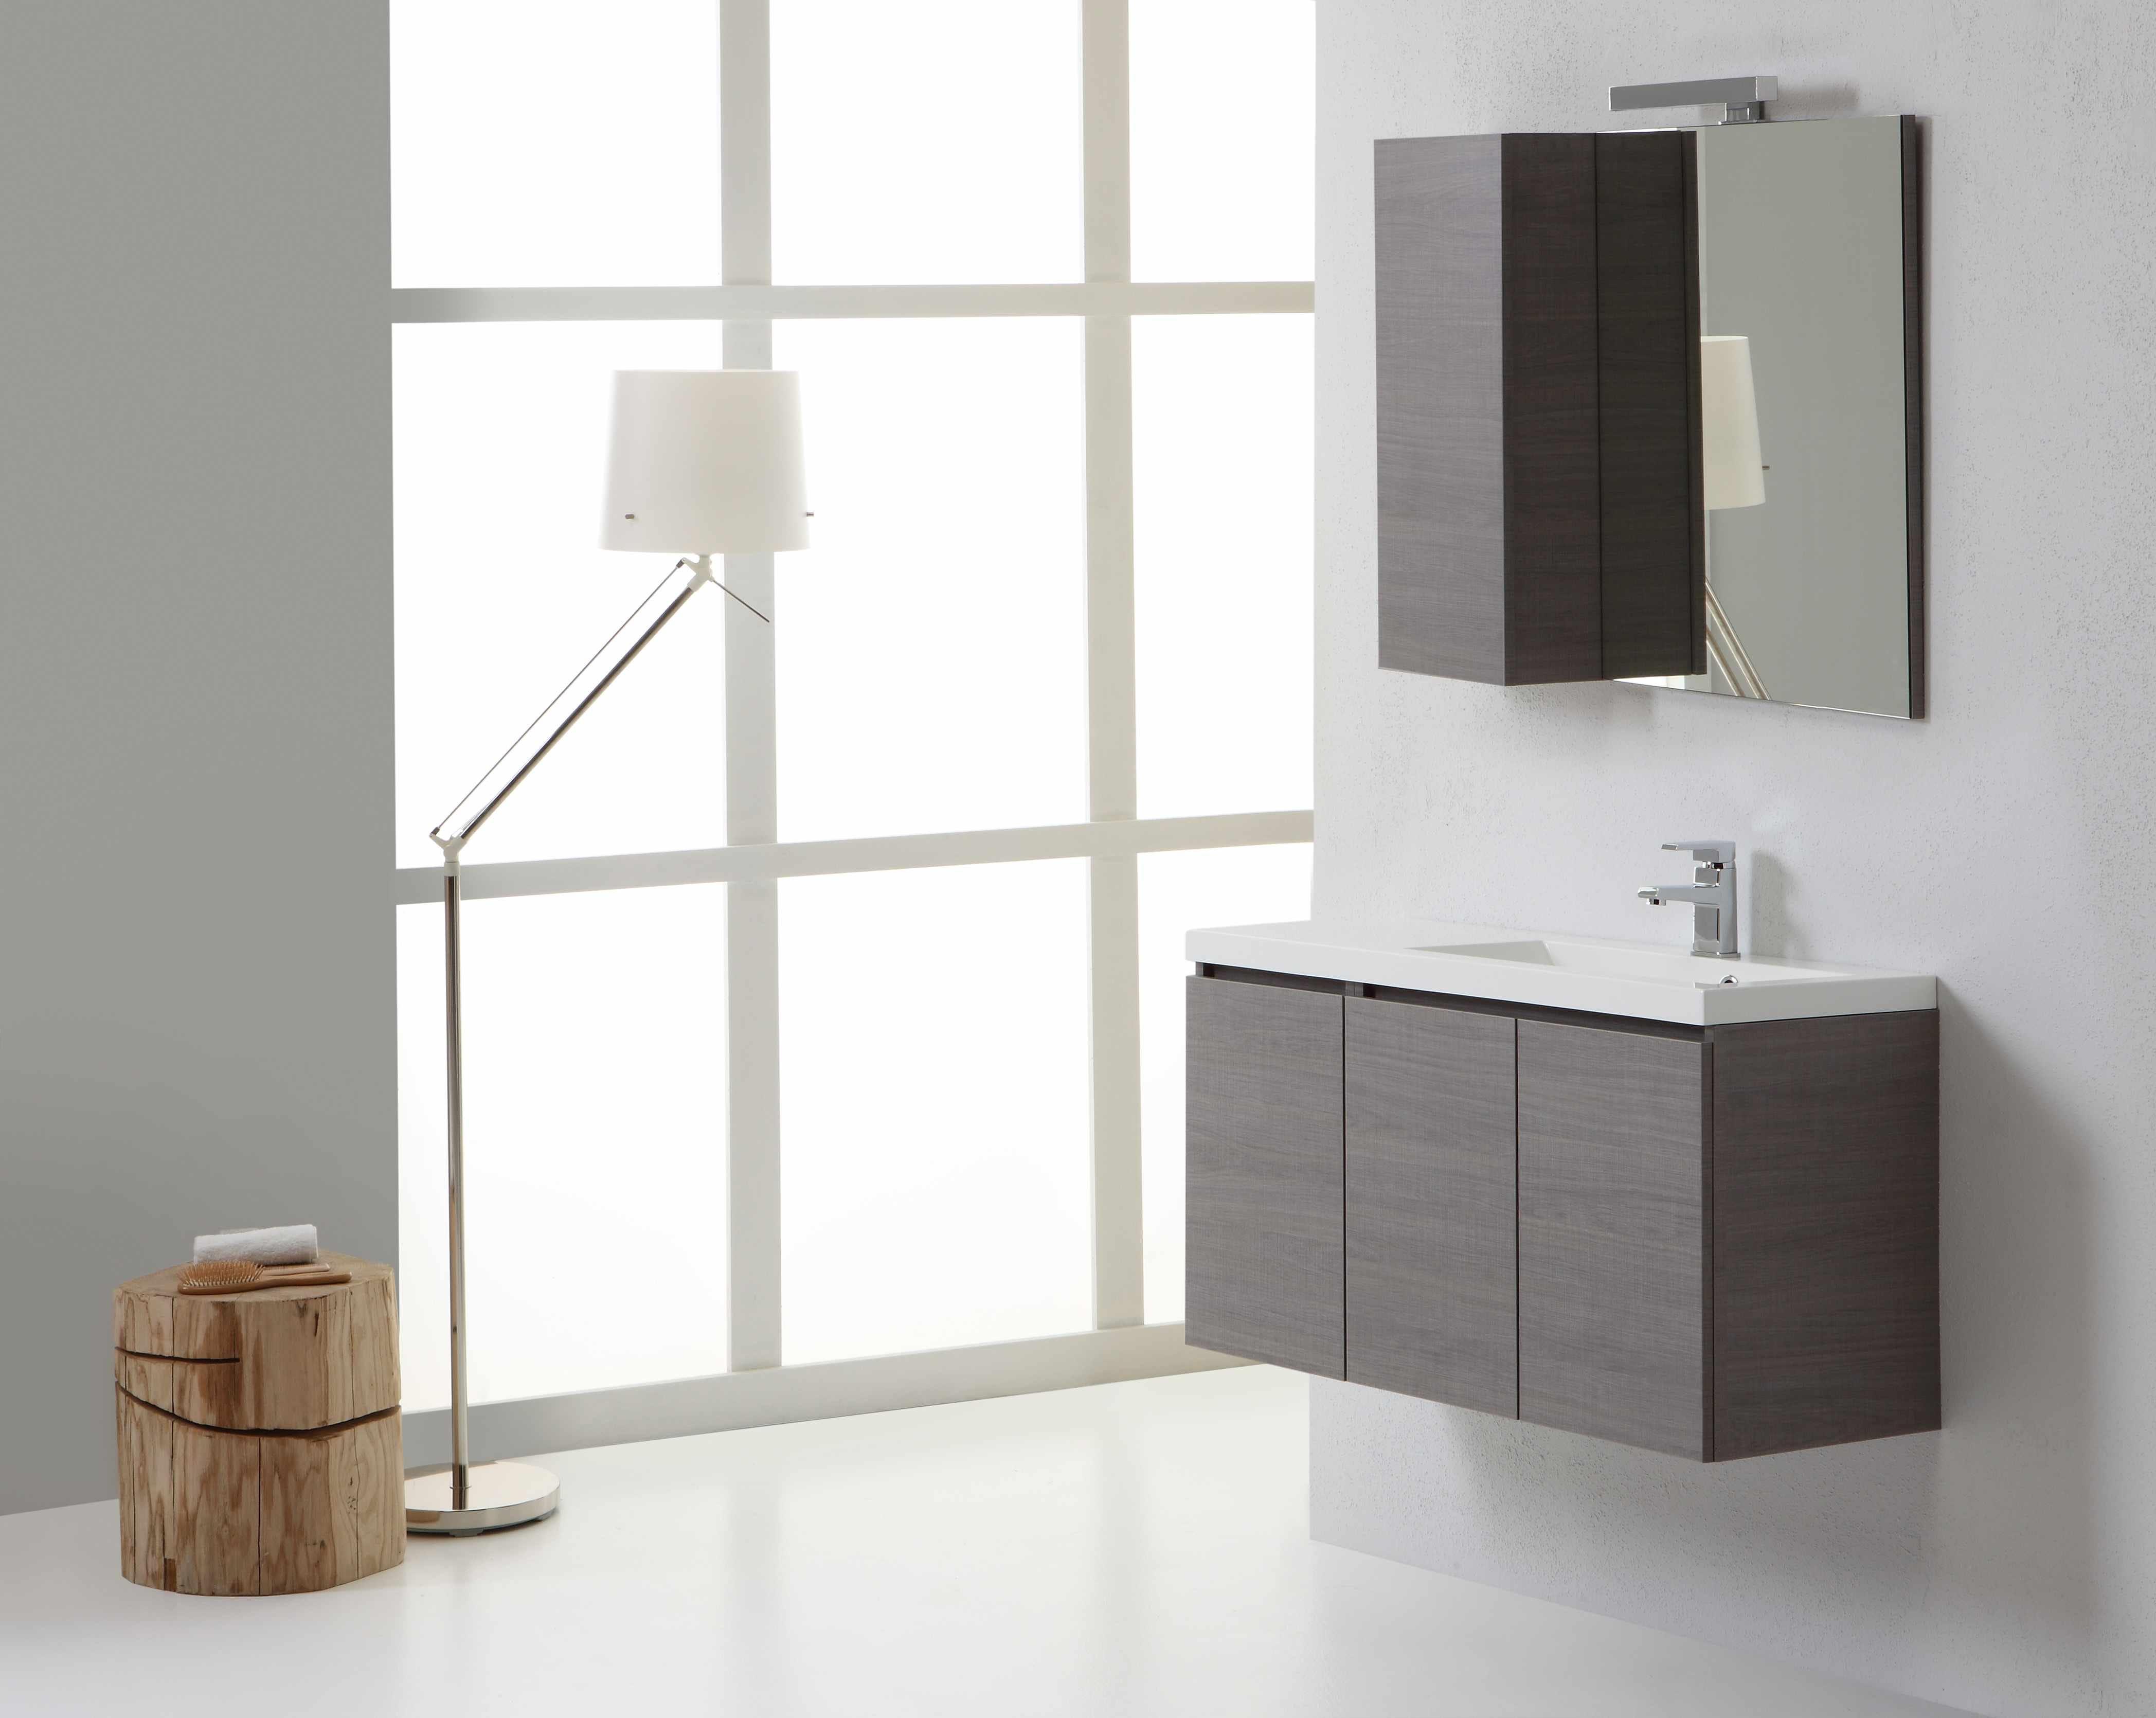 Mobile da bagno manhattan da 90 cm destro con ante e specchio con pensile ebay - Specchio bagno con pensile ...